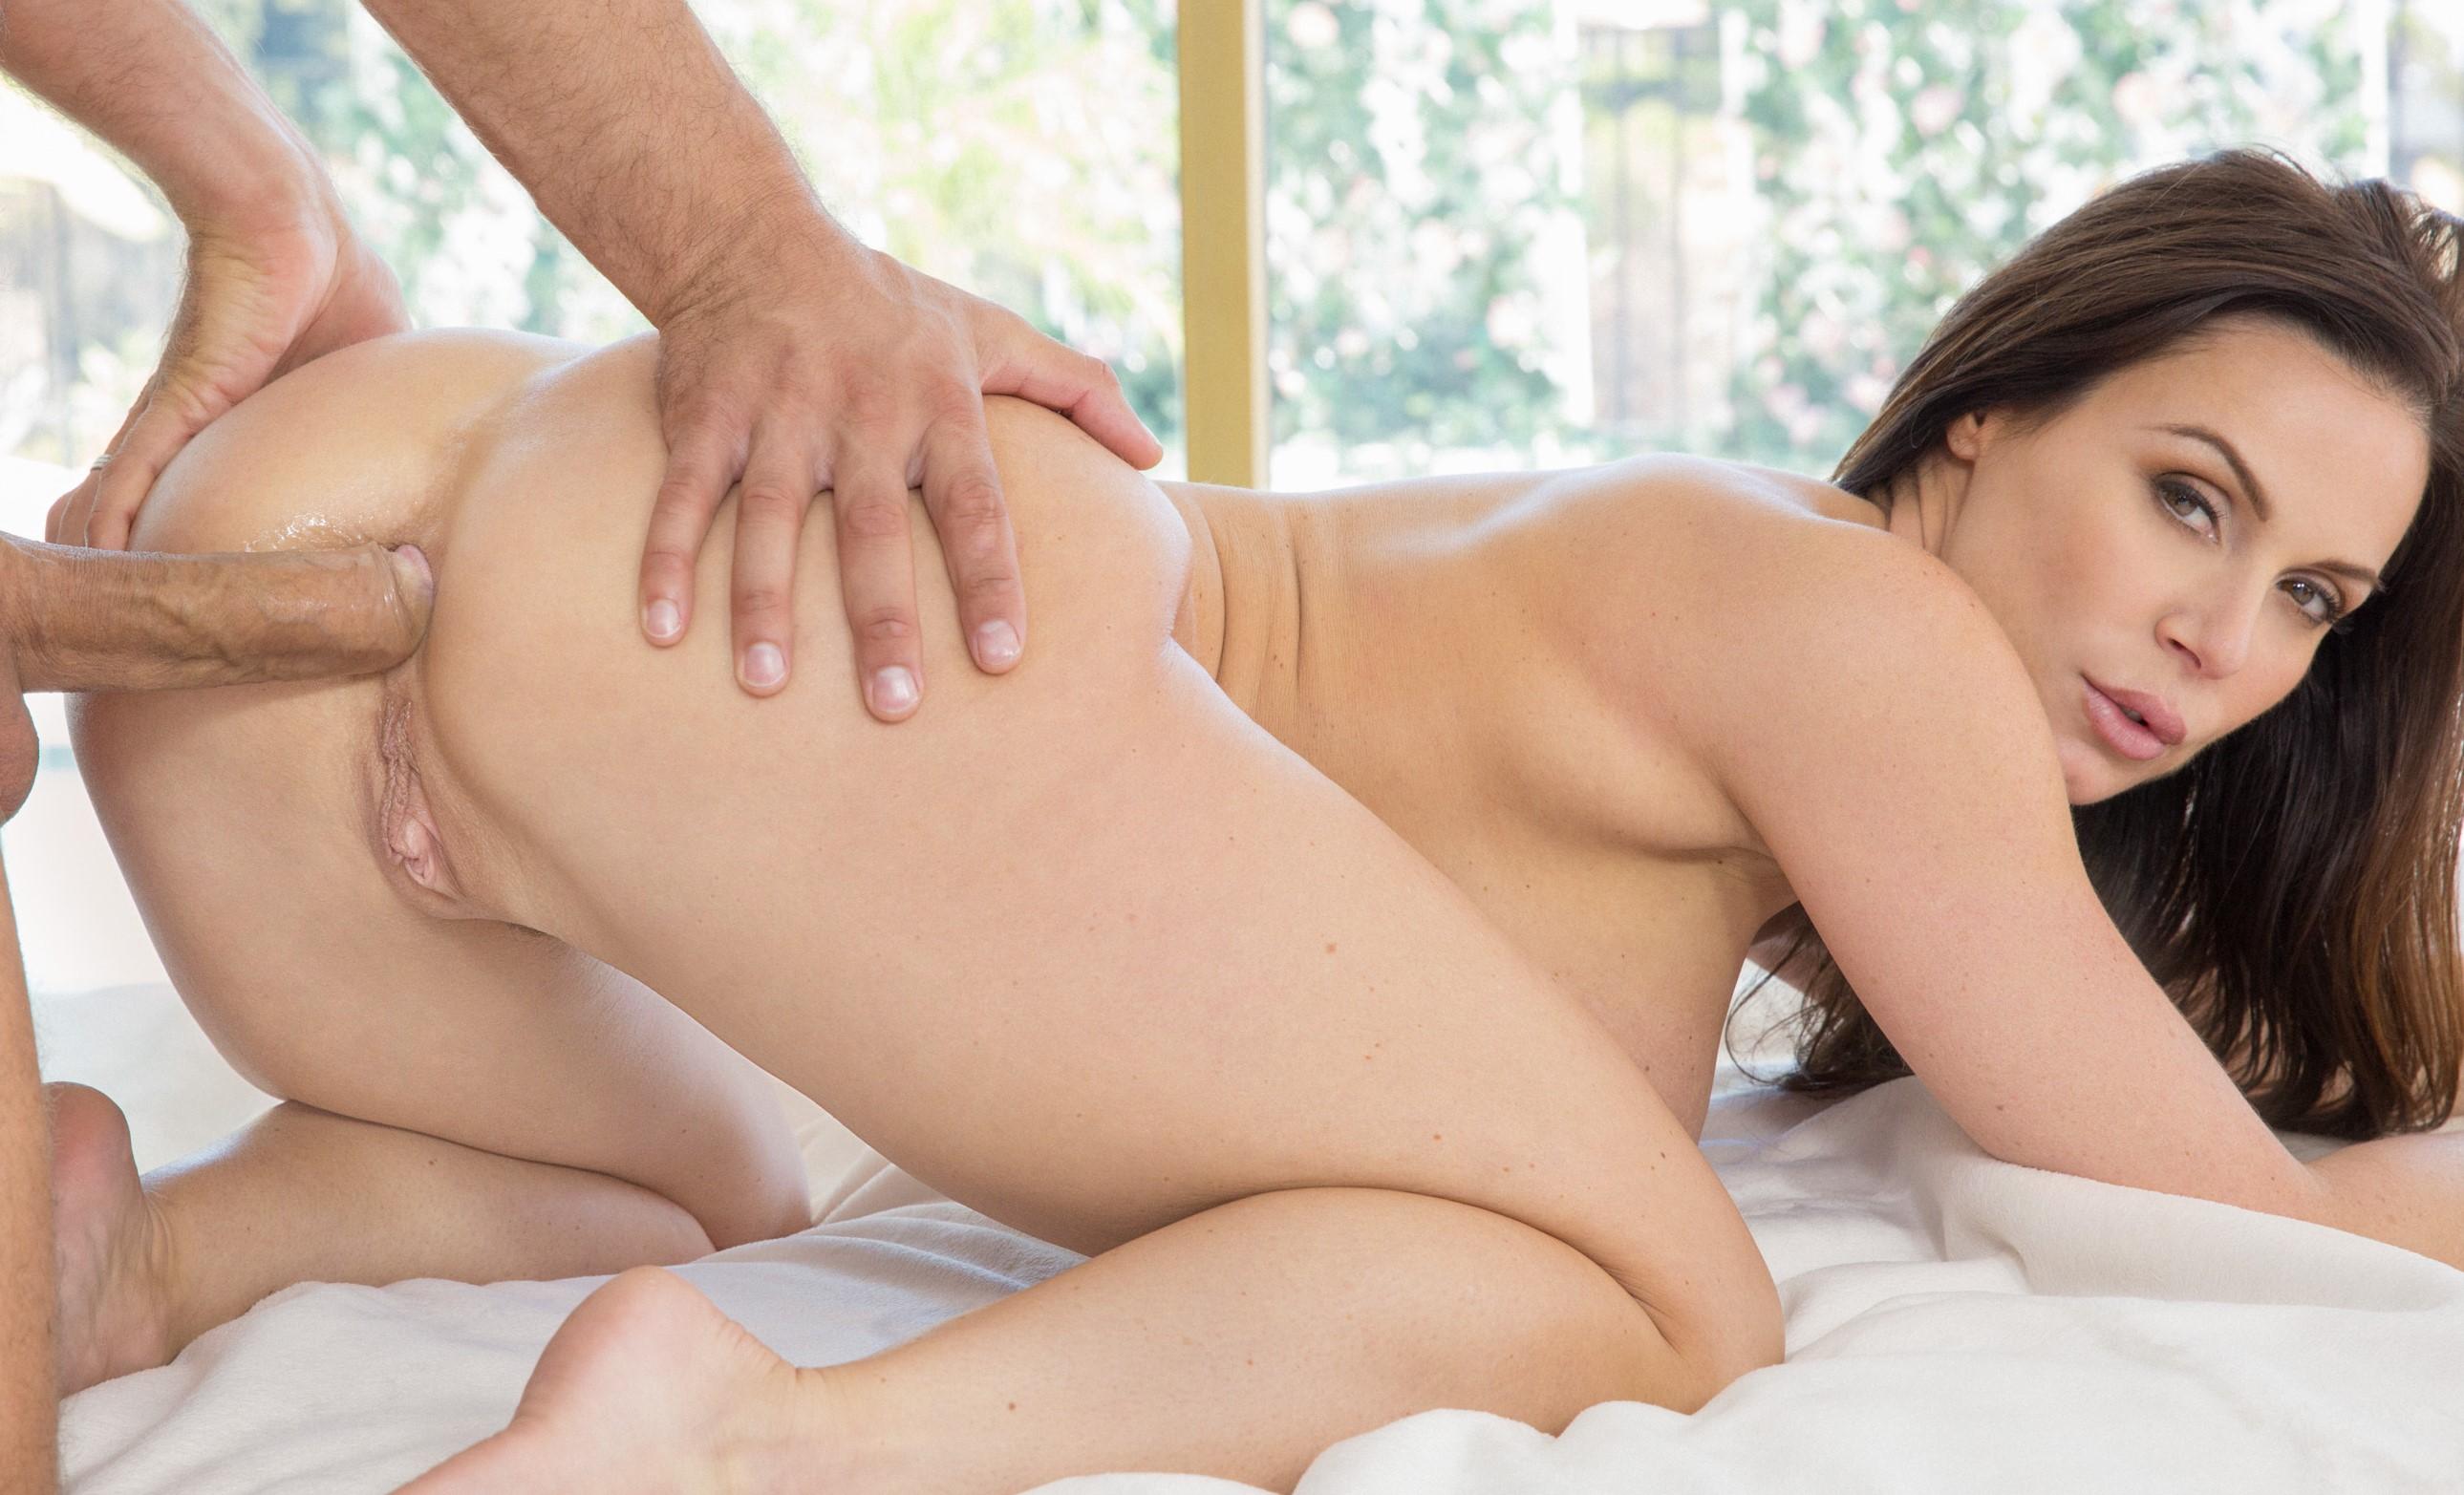 film erotici streamig agenzia matrimoniale gratuita